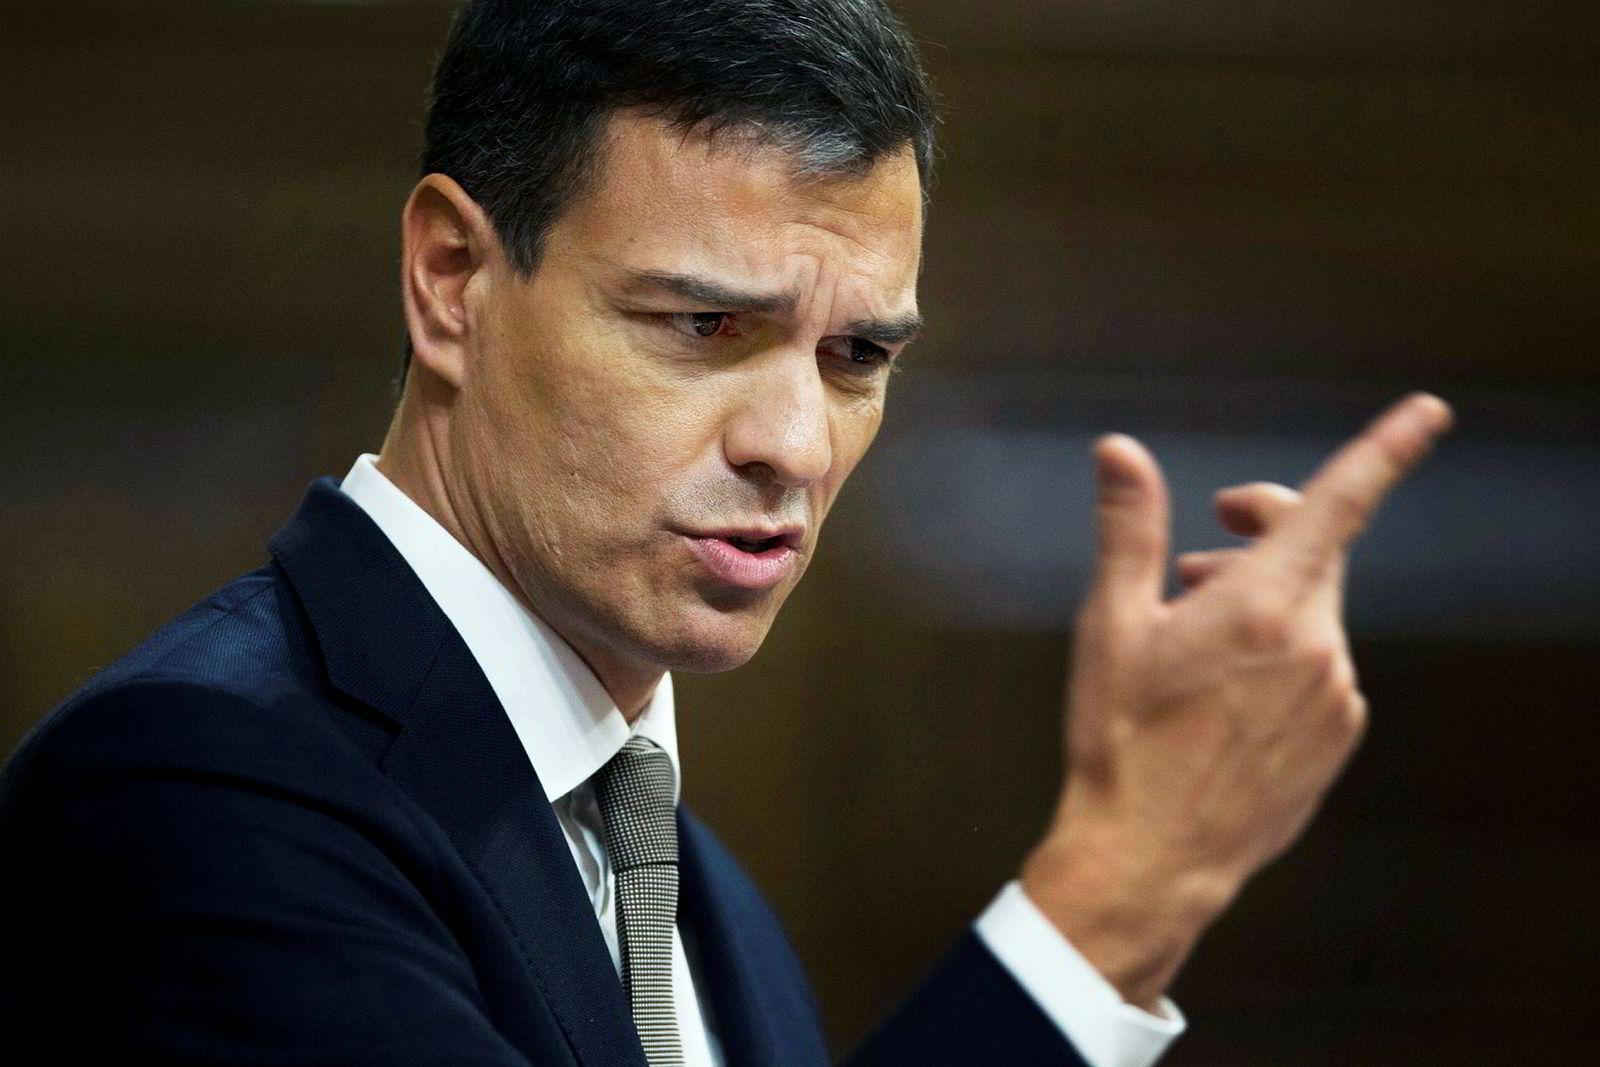 Pedro Sanchez, leder for sosialdemokratene (PSOE), håper å bli ny statsminister. Her da han kunngjorde mistillitsforslaget mot regjeringen Rajoy.